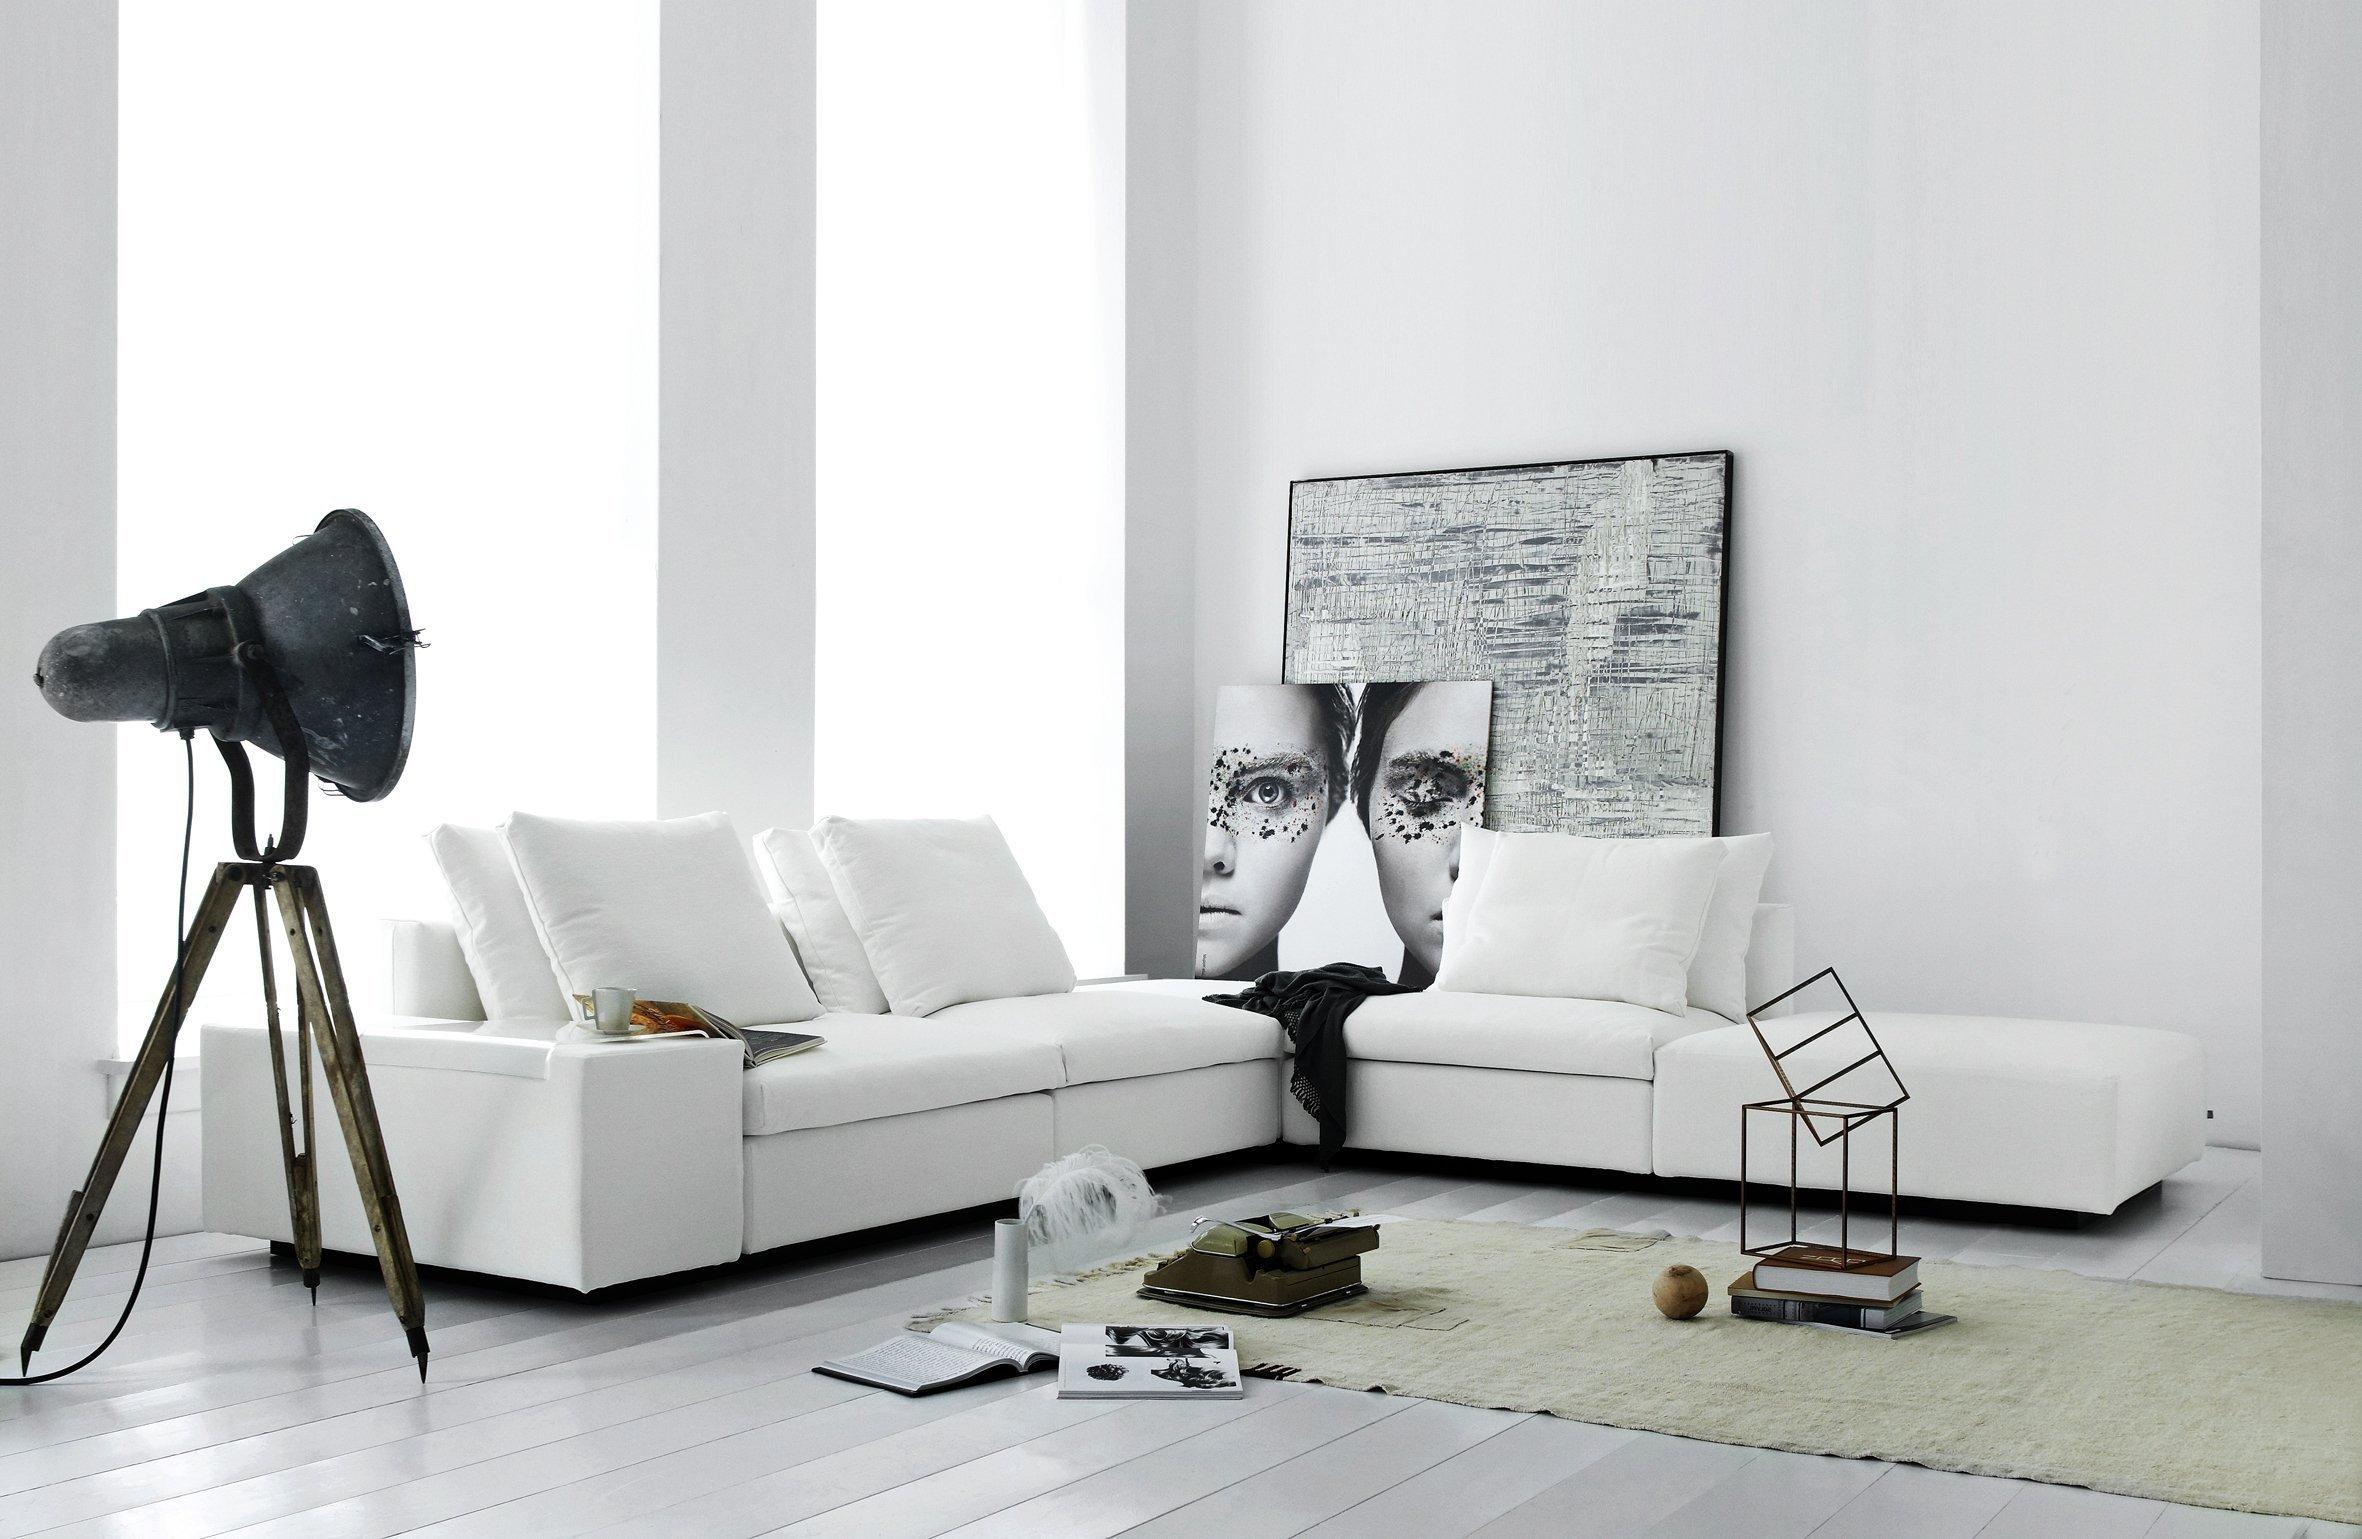 Eilersen Sofas & Modern Furniture